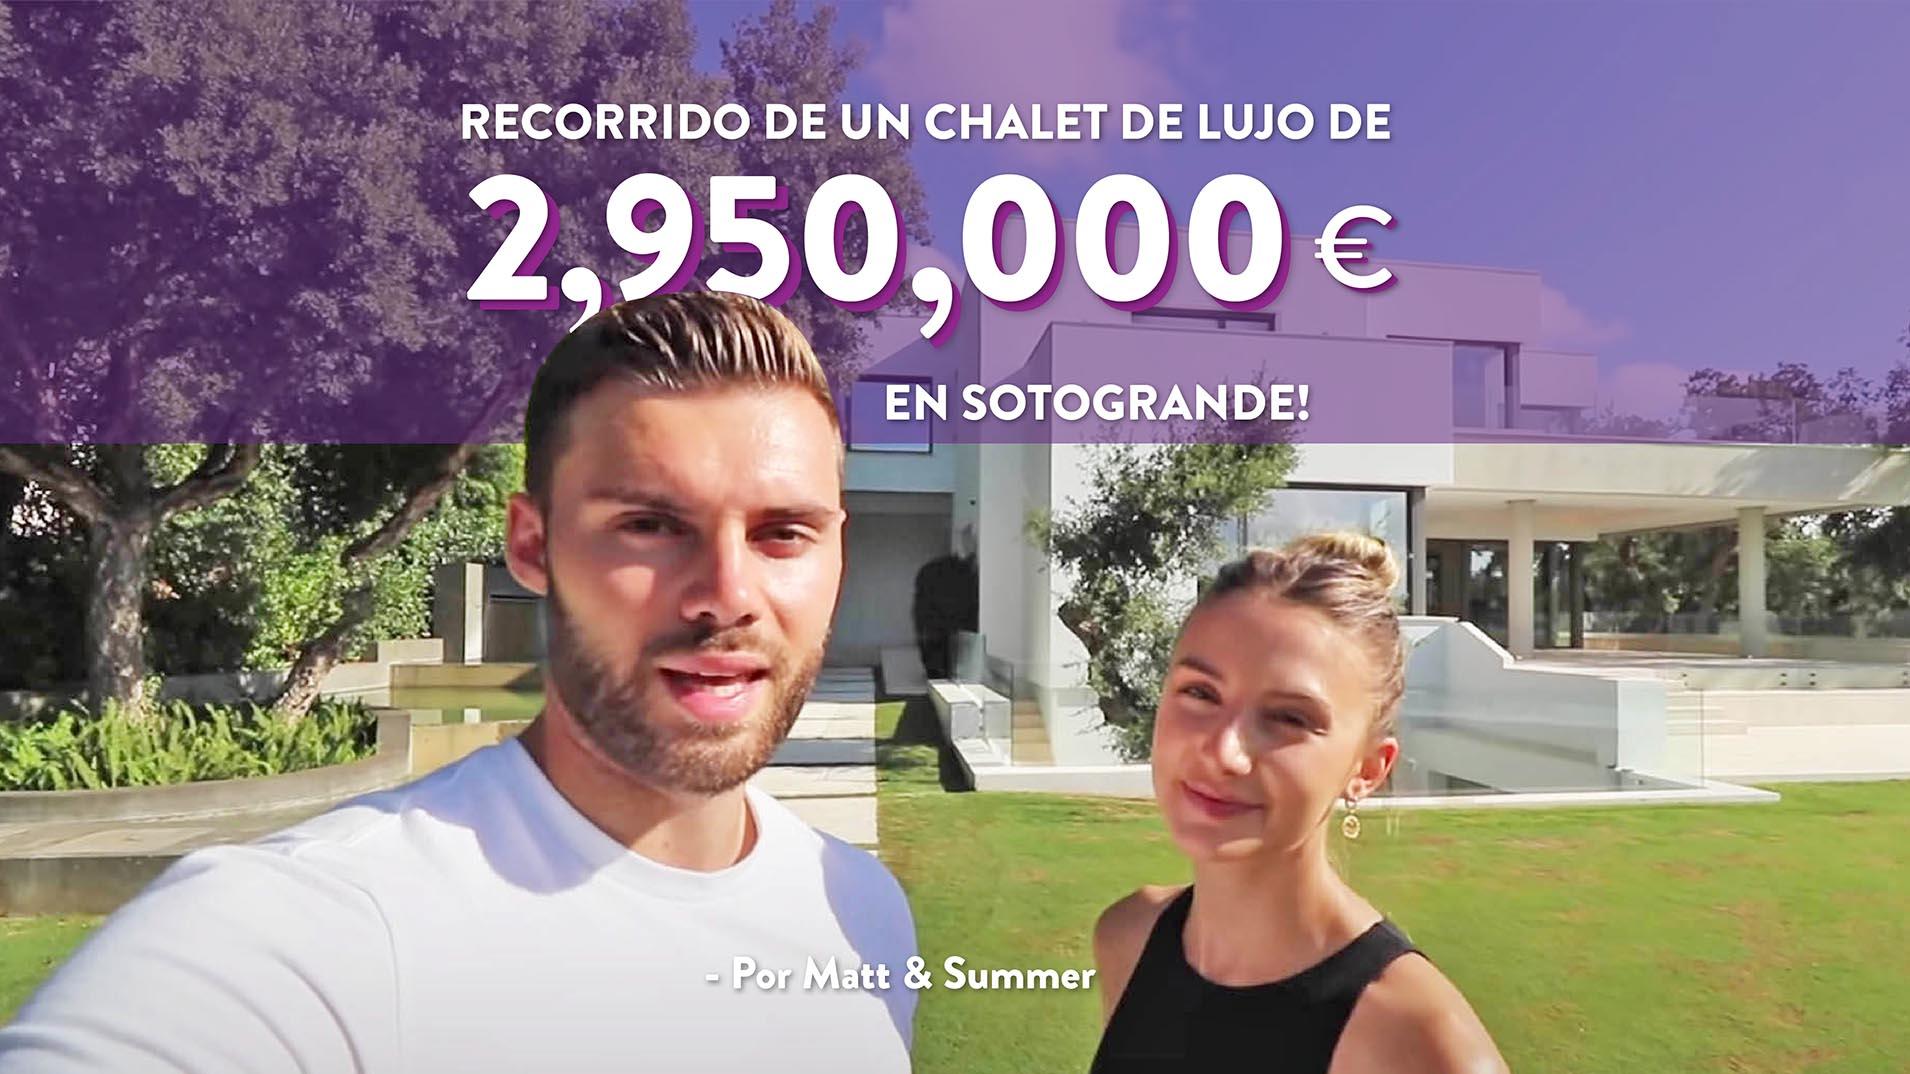 Influencers recorren una villa lujosa de 2,950,000€ en Sotogrande